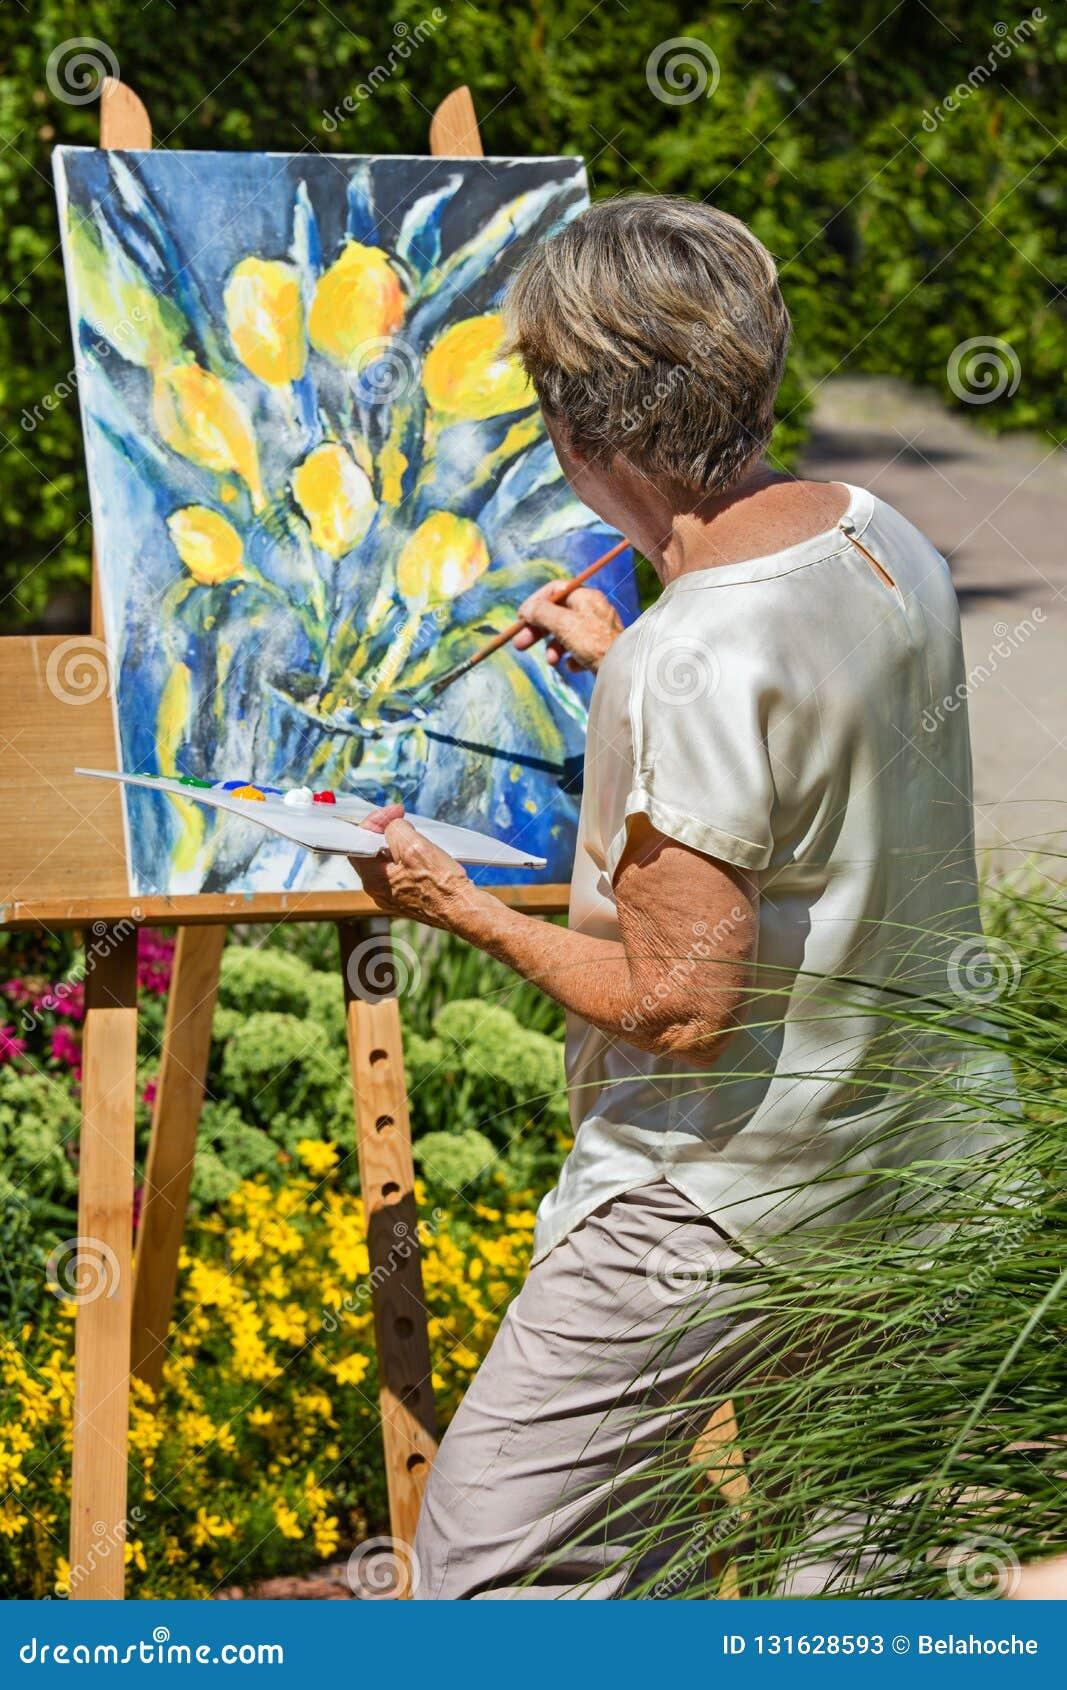 Flores de pintura de la mujer mayor en lona en jardín durante día soleado